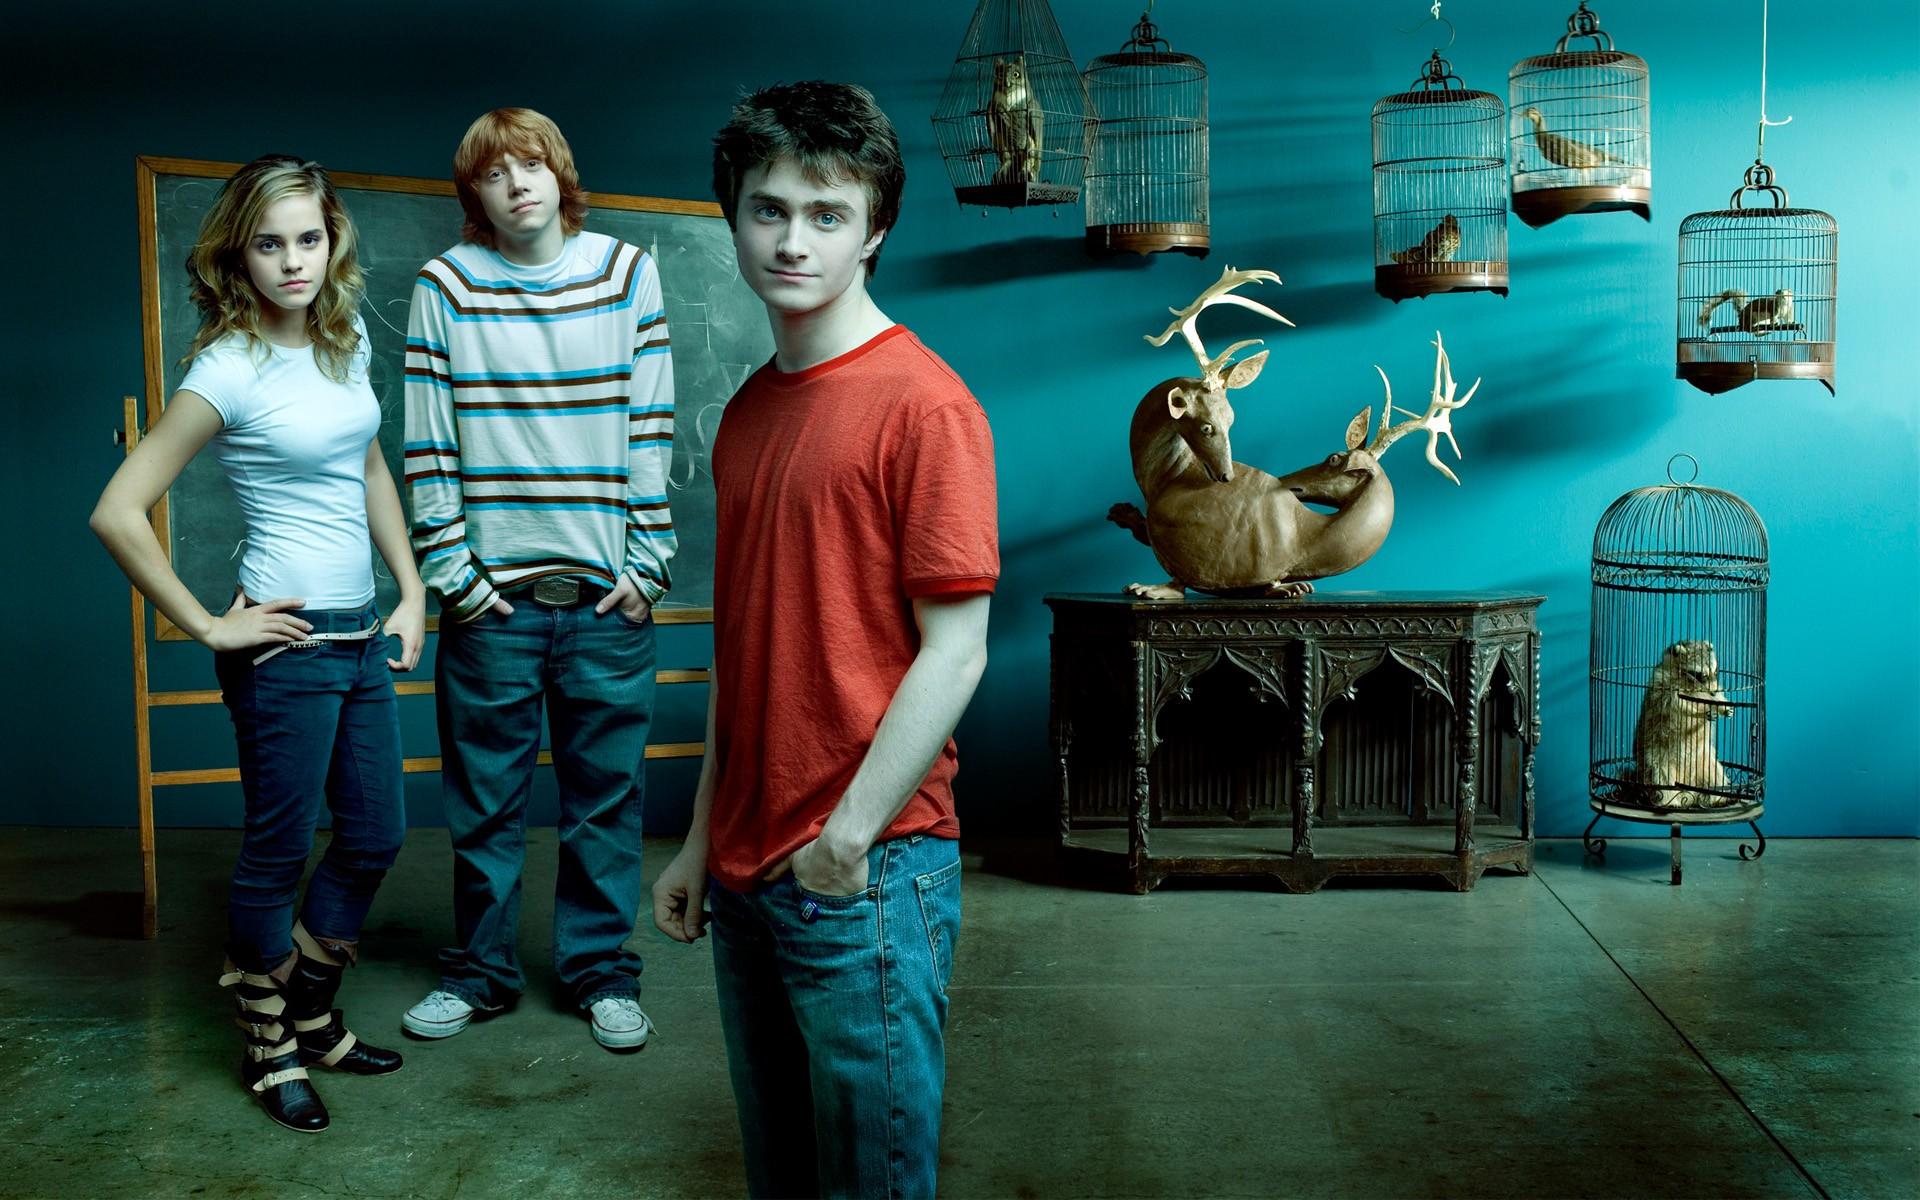 Best Wallpaper Harry Potter Blue - blue-Harry-Potter-Emma-Watson-Daniel-Radcliffe-Rupert-Grint-ART-color-photograph-image-snapshot-screenshot-musical-theatre-44711  Trends_738334.jpg